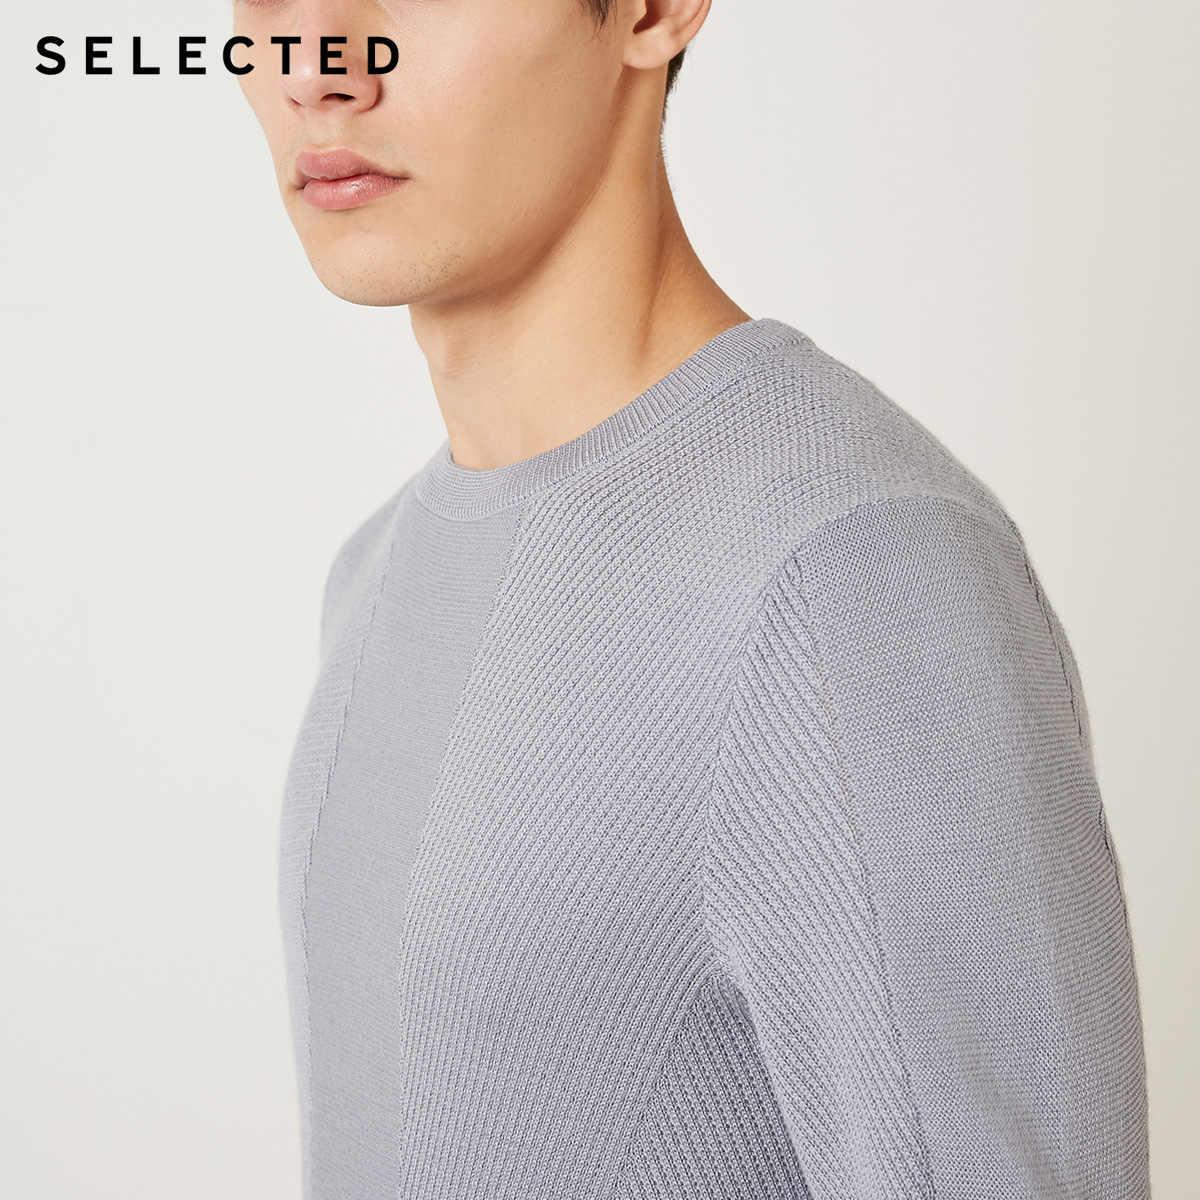 선택 남성 모직 순수 컬러 스웨터 옷 라운드 넥 라인 스웨터 니트 S | 419124549